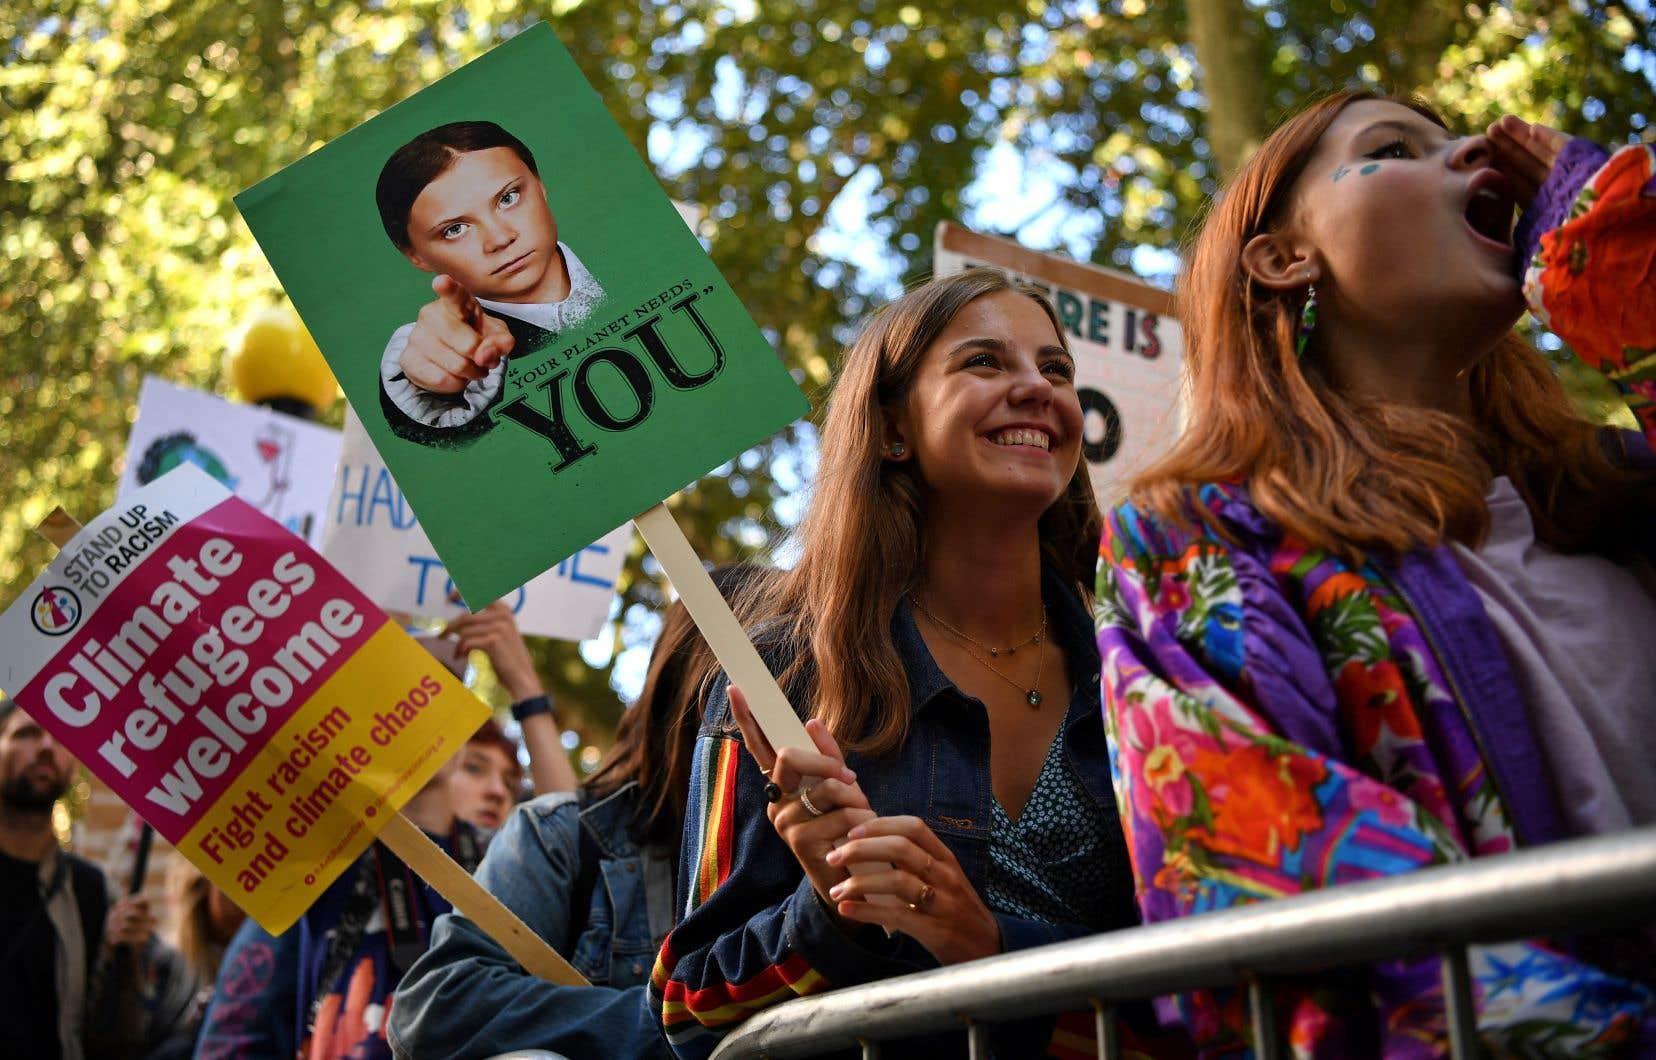 Des manifestants, pancartes à la main, lors de la marche pour le climat qui s'est tenue à Londres le 20 septembre dernier.